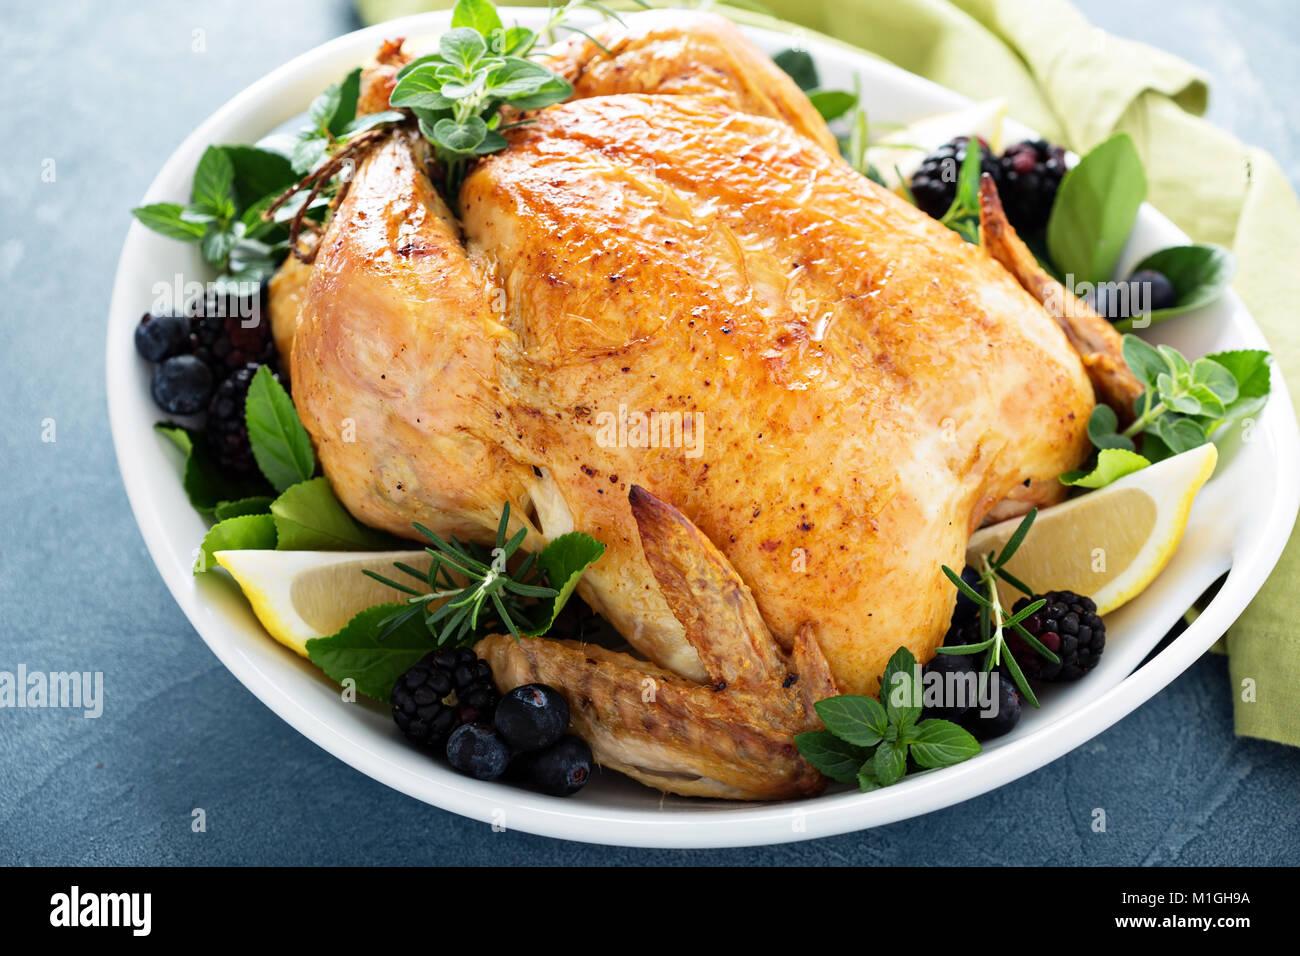 Poulet rôti au citron et herbes pour vacances ou le dimanche soir Photo Stock